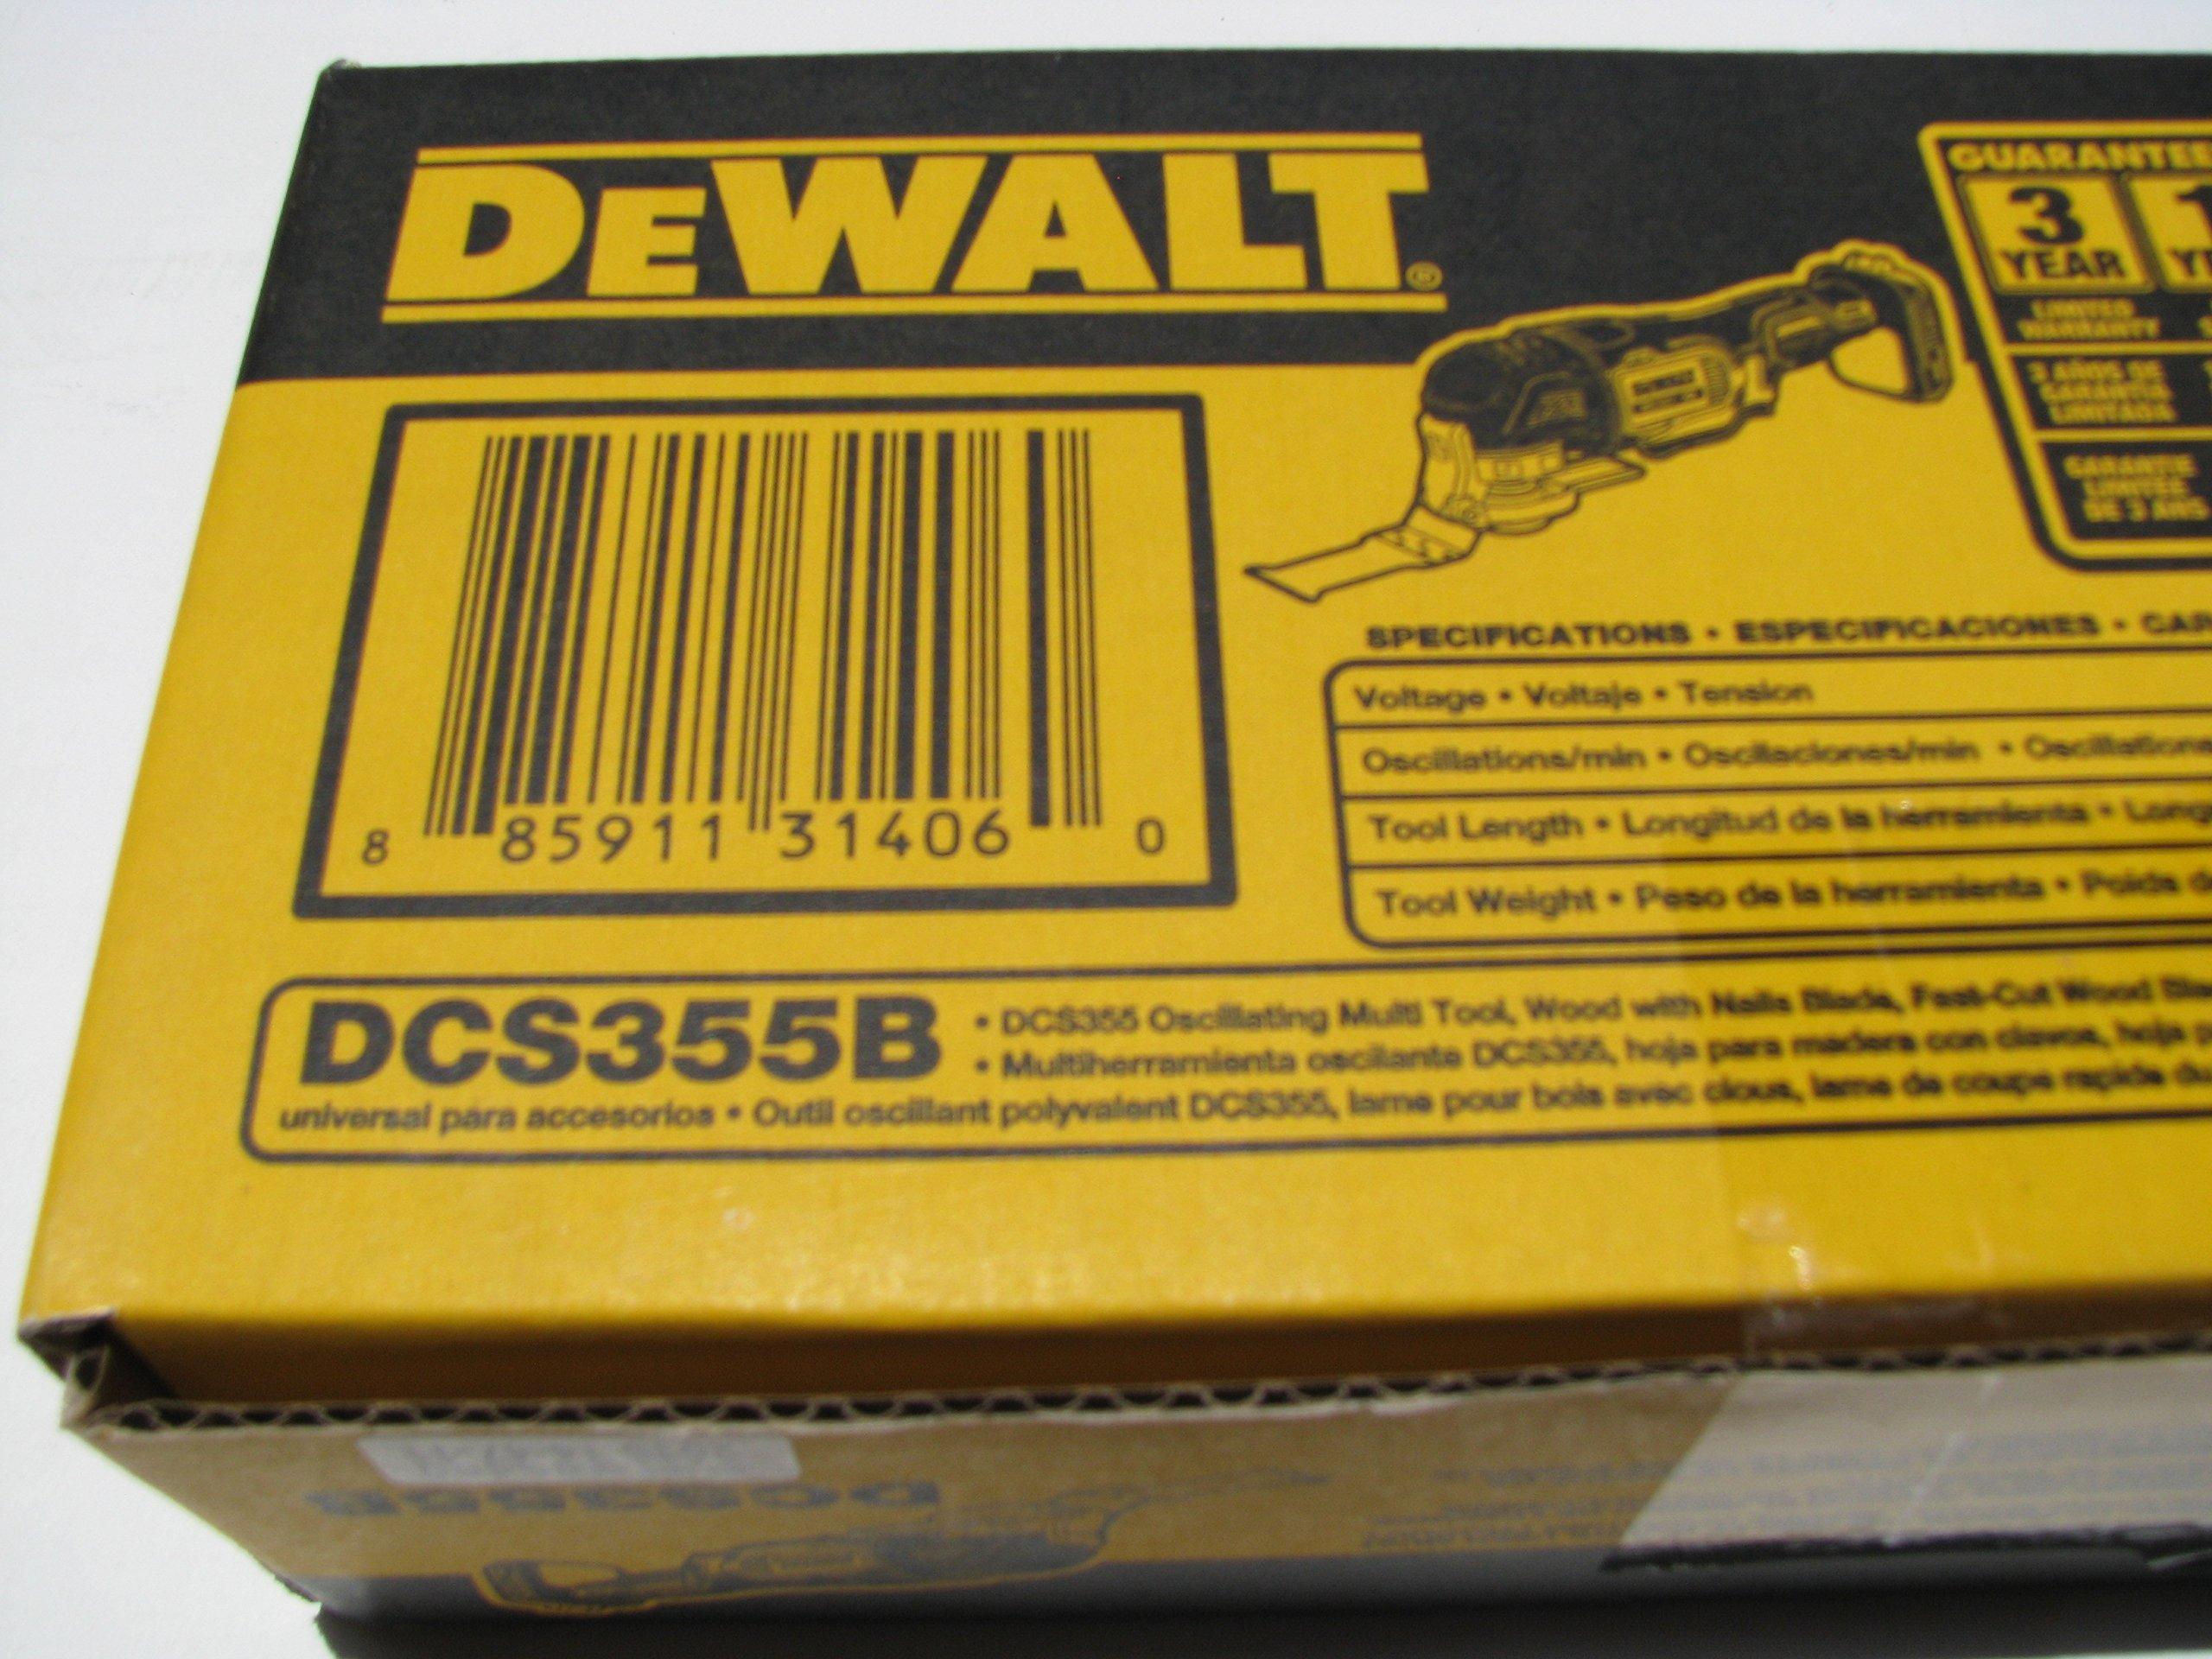 DEWALT DCS355B 20V XR Oscillating Multi-Tool by DEWALT (Image #1)